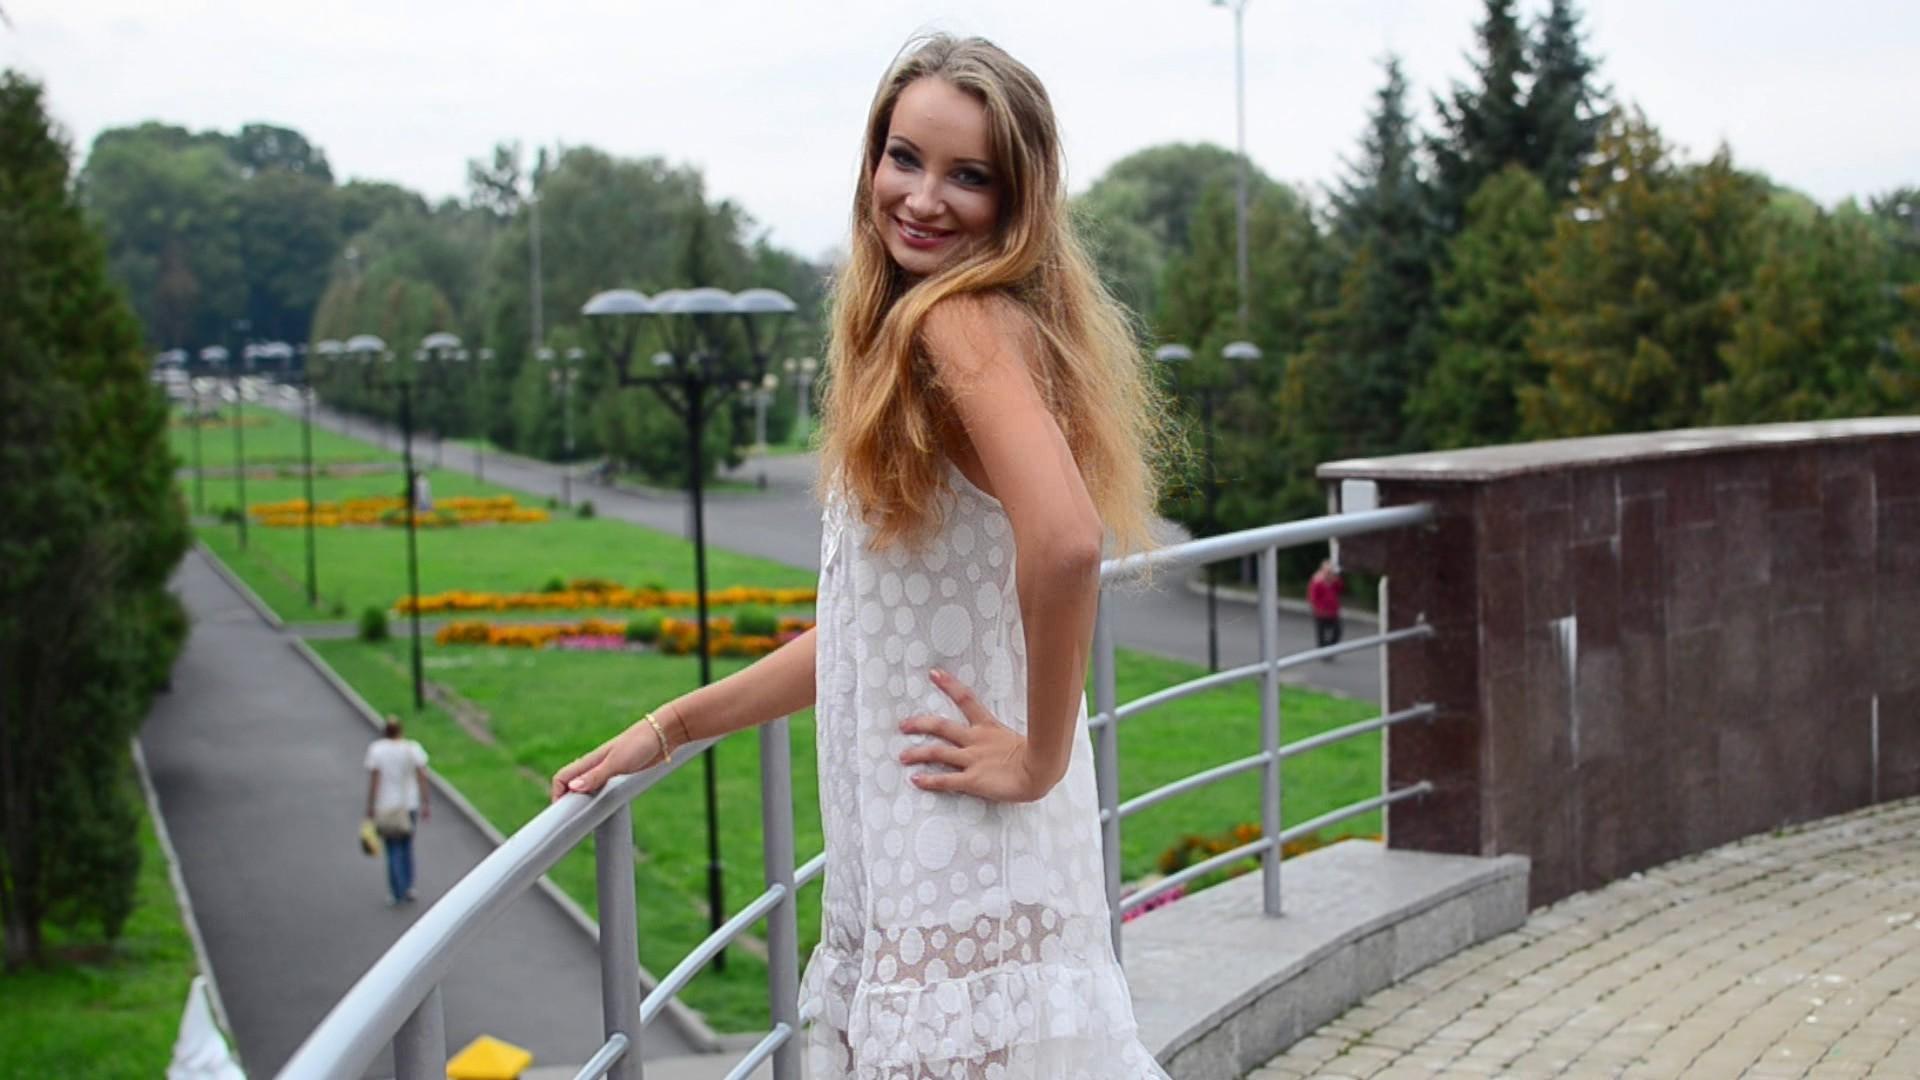 Dating Russian Girl Tips SHTUKENSIA - YouTube